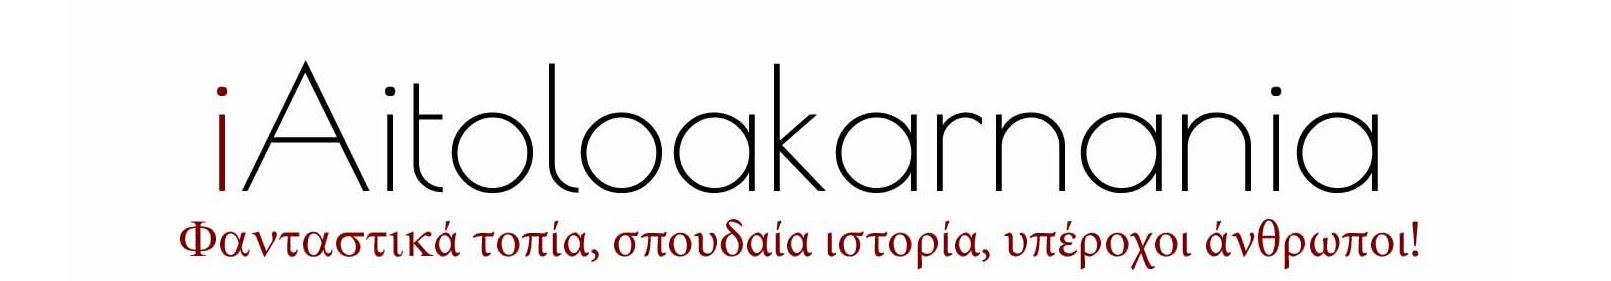 http://iaitoloakarnania.gr/2017/01/machi-tis-ternovas-otan-300-etoloakarnanes-anachetisan-chiliades-tourkous/